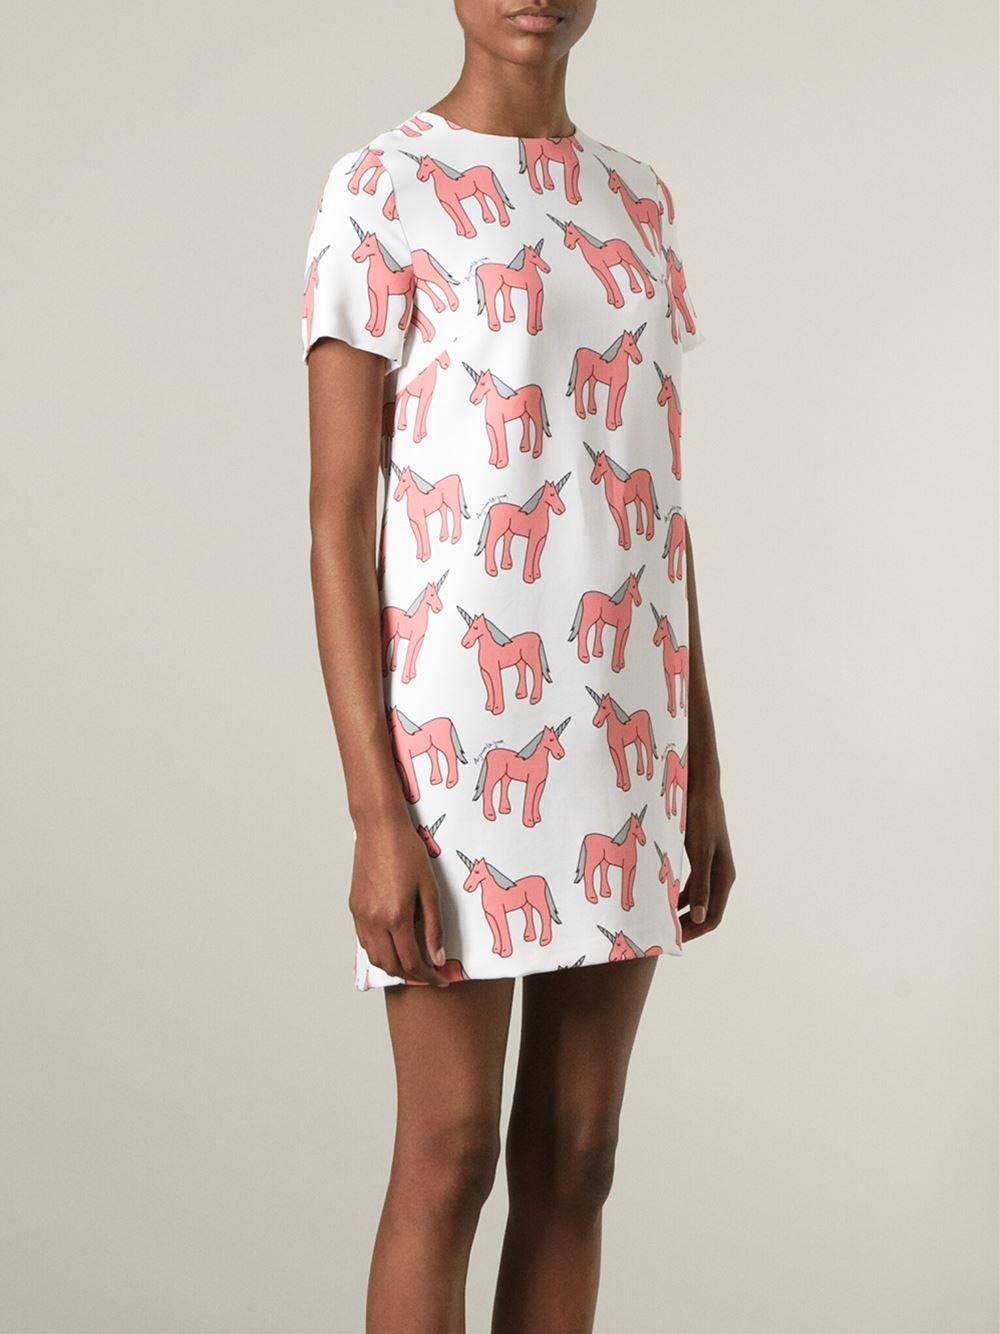 7cb498a169f09 Au Jour Le Jour Unicorn Print Shift Dress in White - Lyst